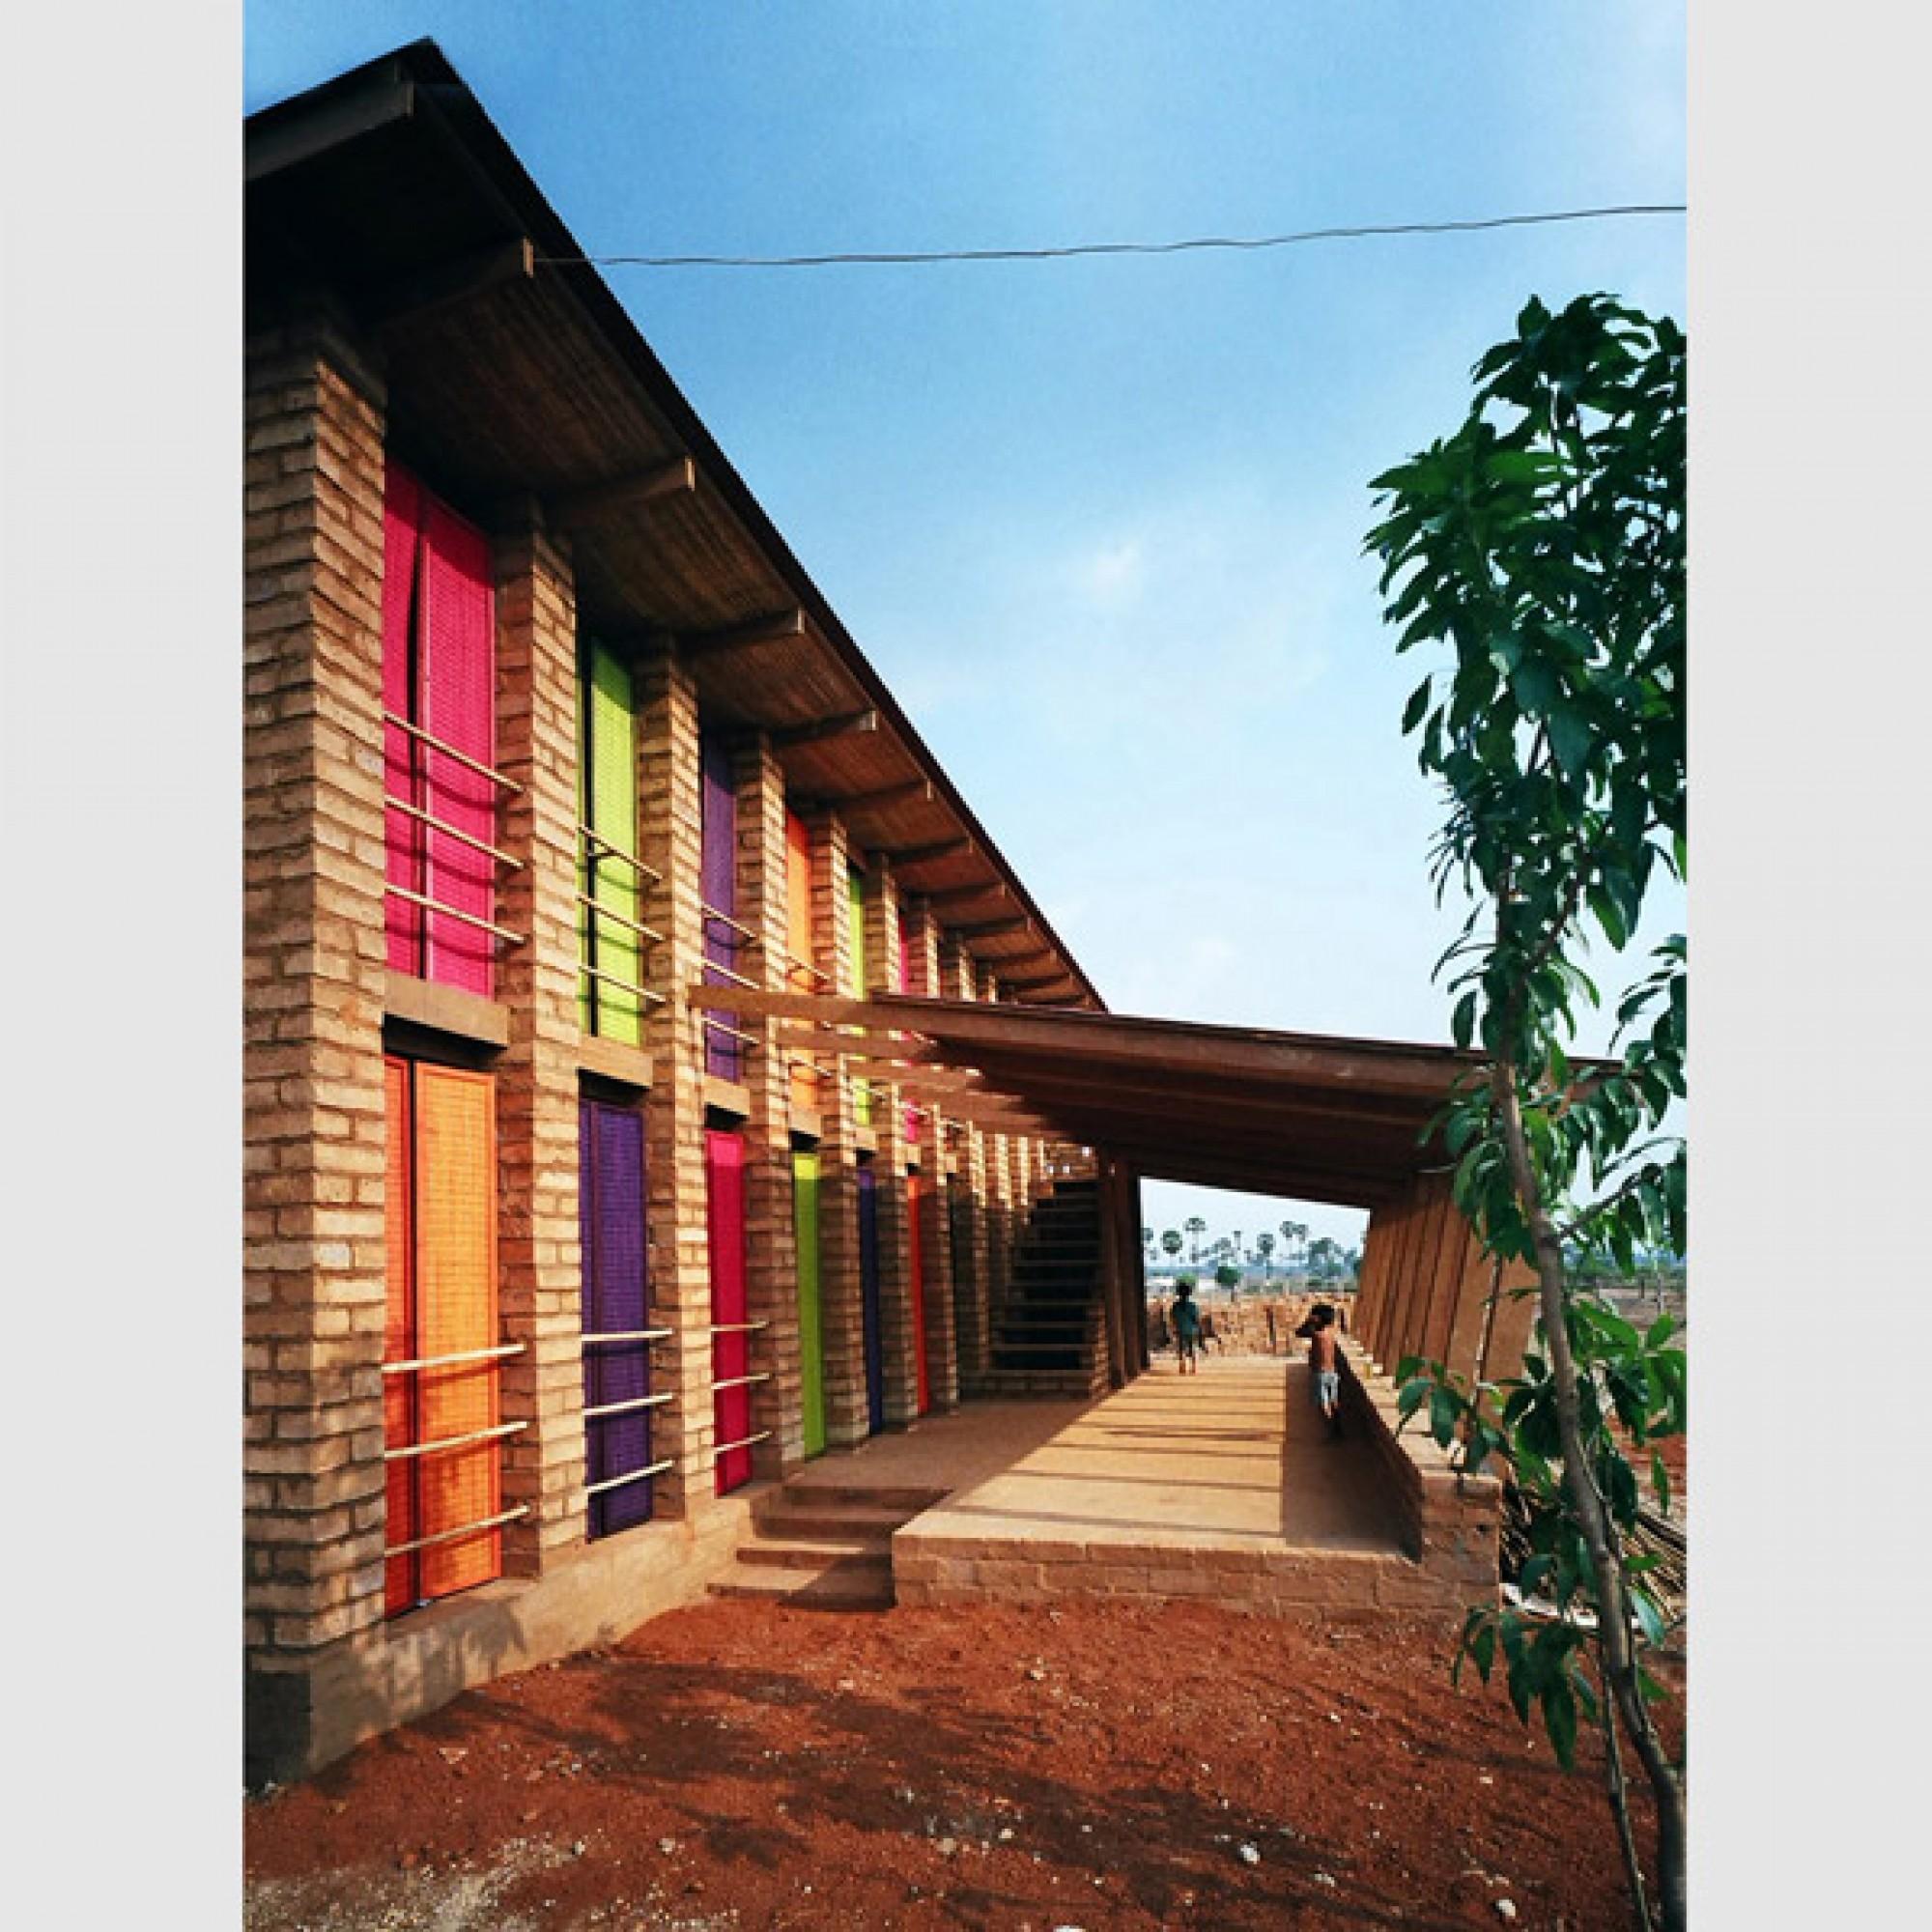 Sra Pou Schule, Sra Pou, Kambodscha / Architects Rudanko + Kankkunen Ltd. (Foto: Anssi Kankkunen)